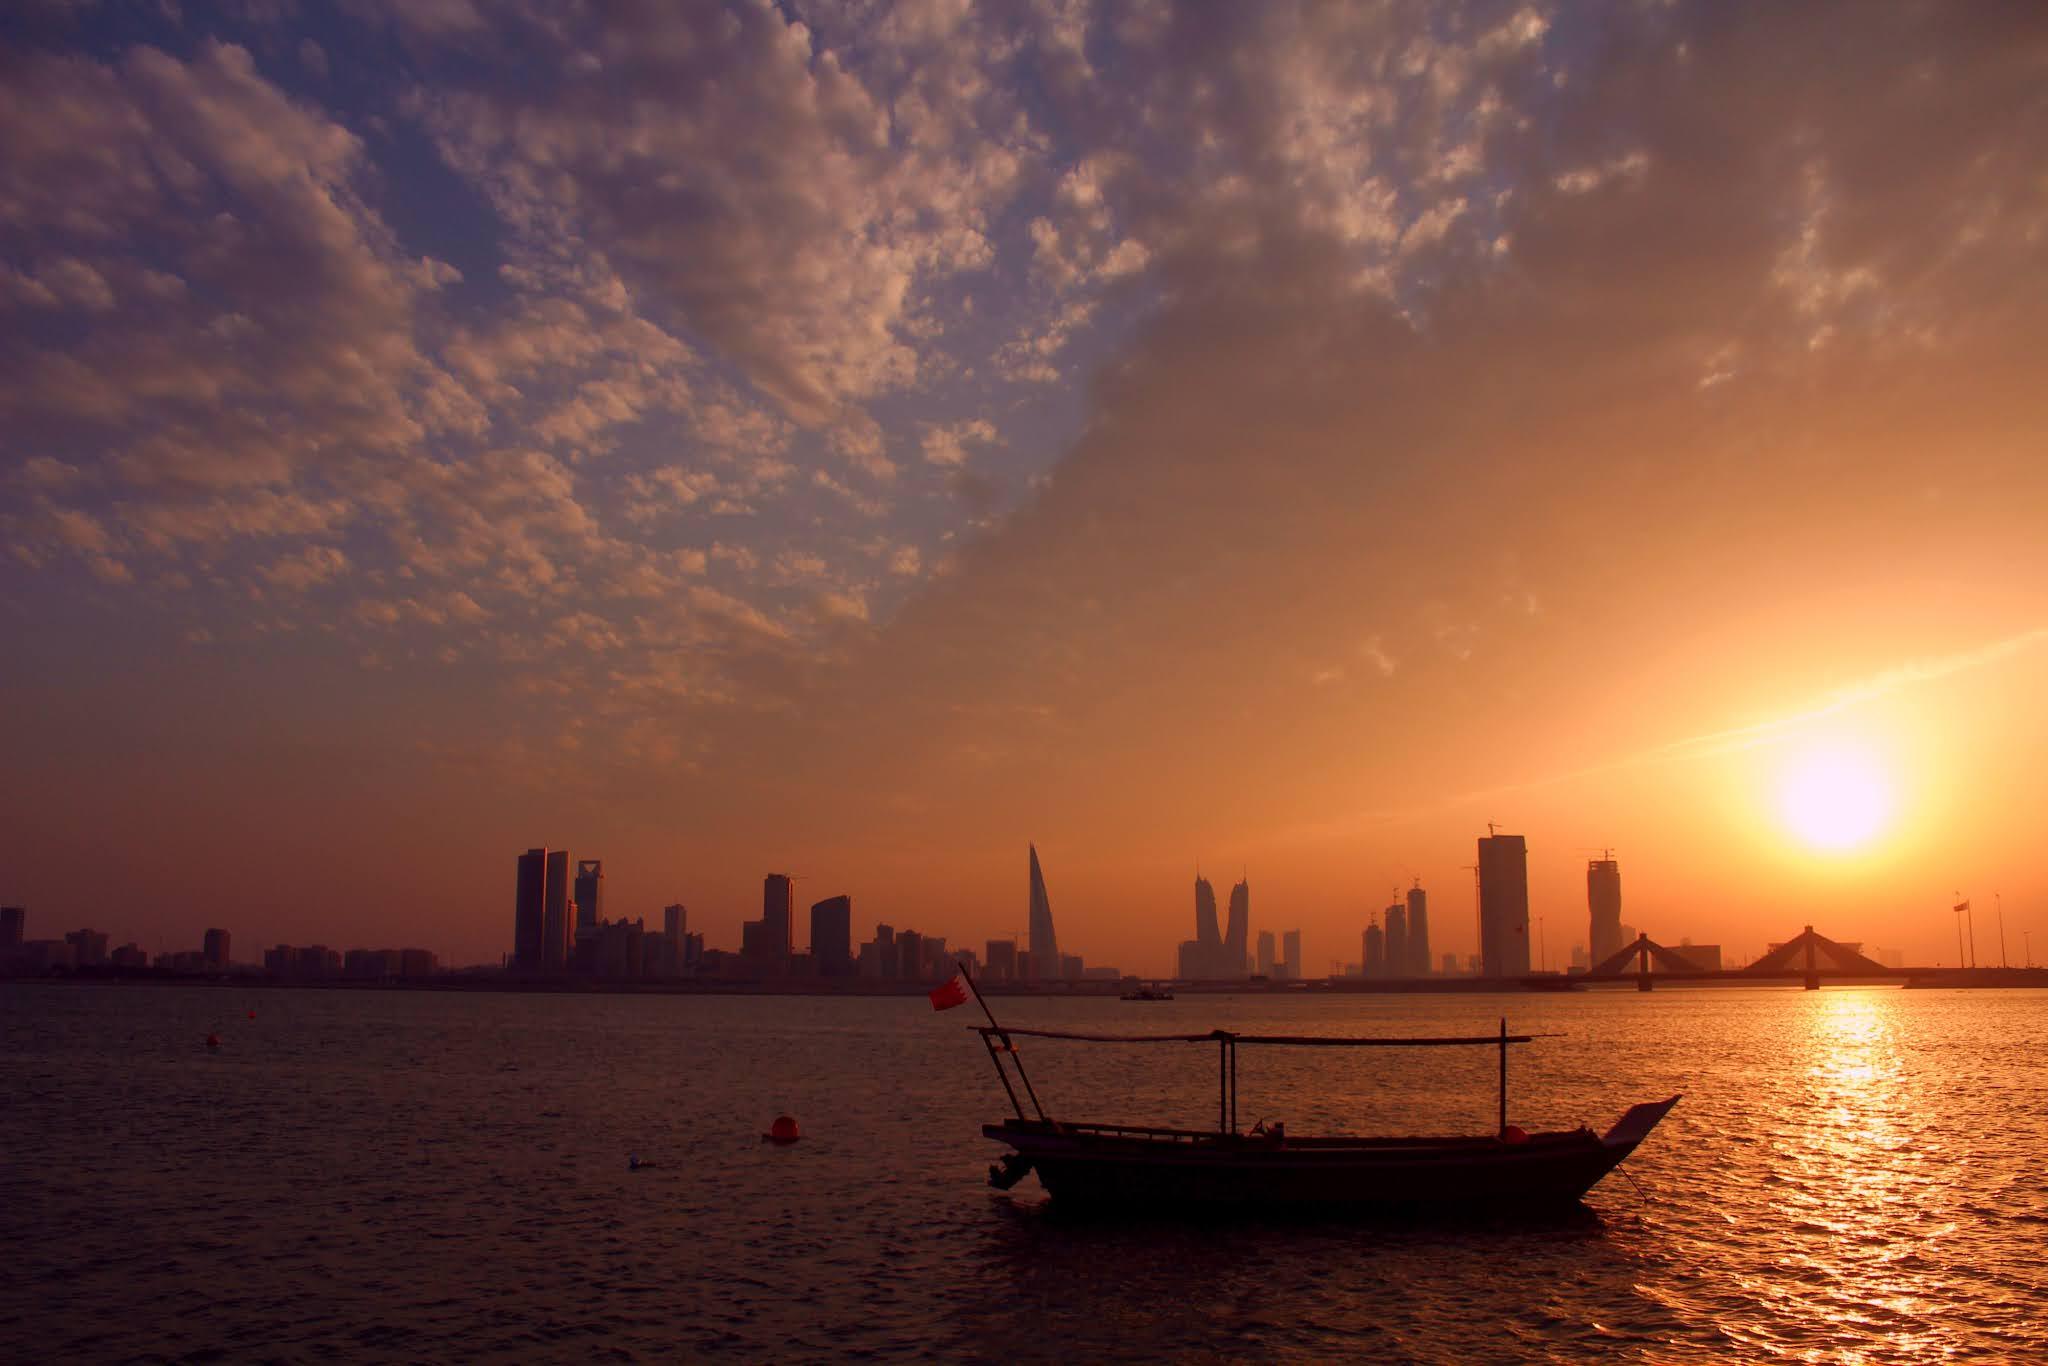 جناح مملكة البحرين يتألق بالتراث والبحر في إكسبو Expo Dubai دبي